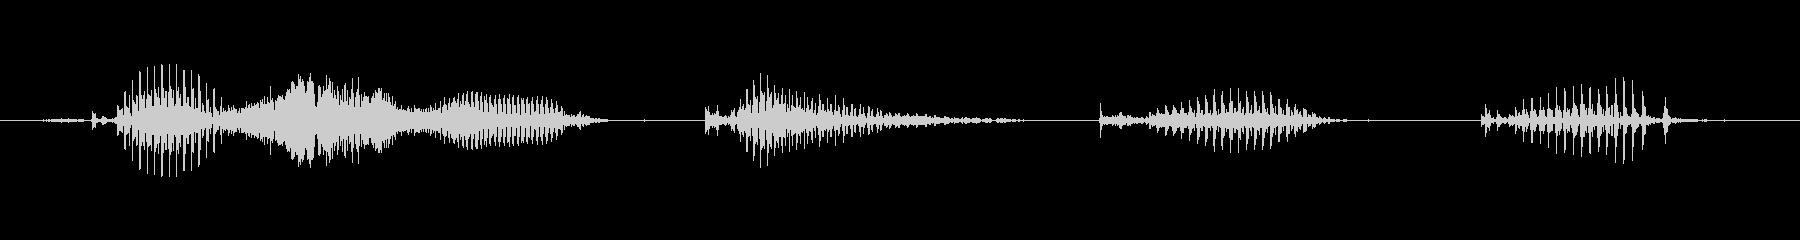 【日数・経過】5週間経過の未再生の波形